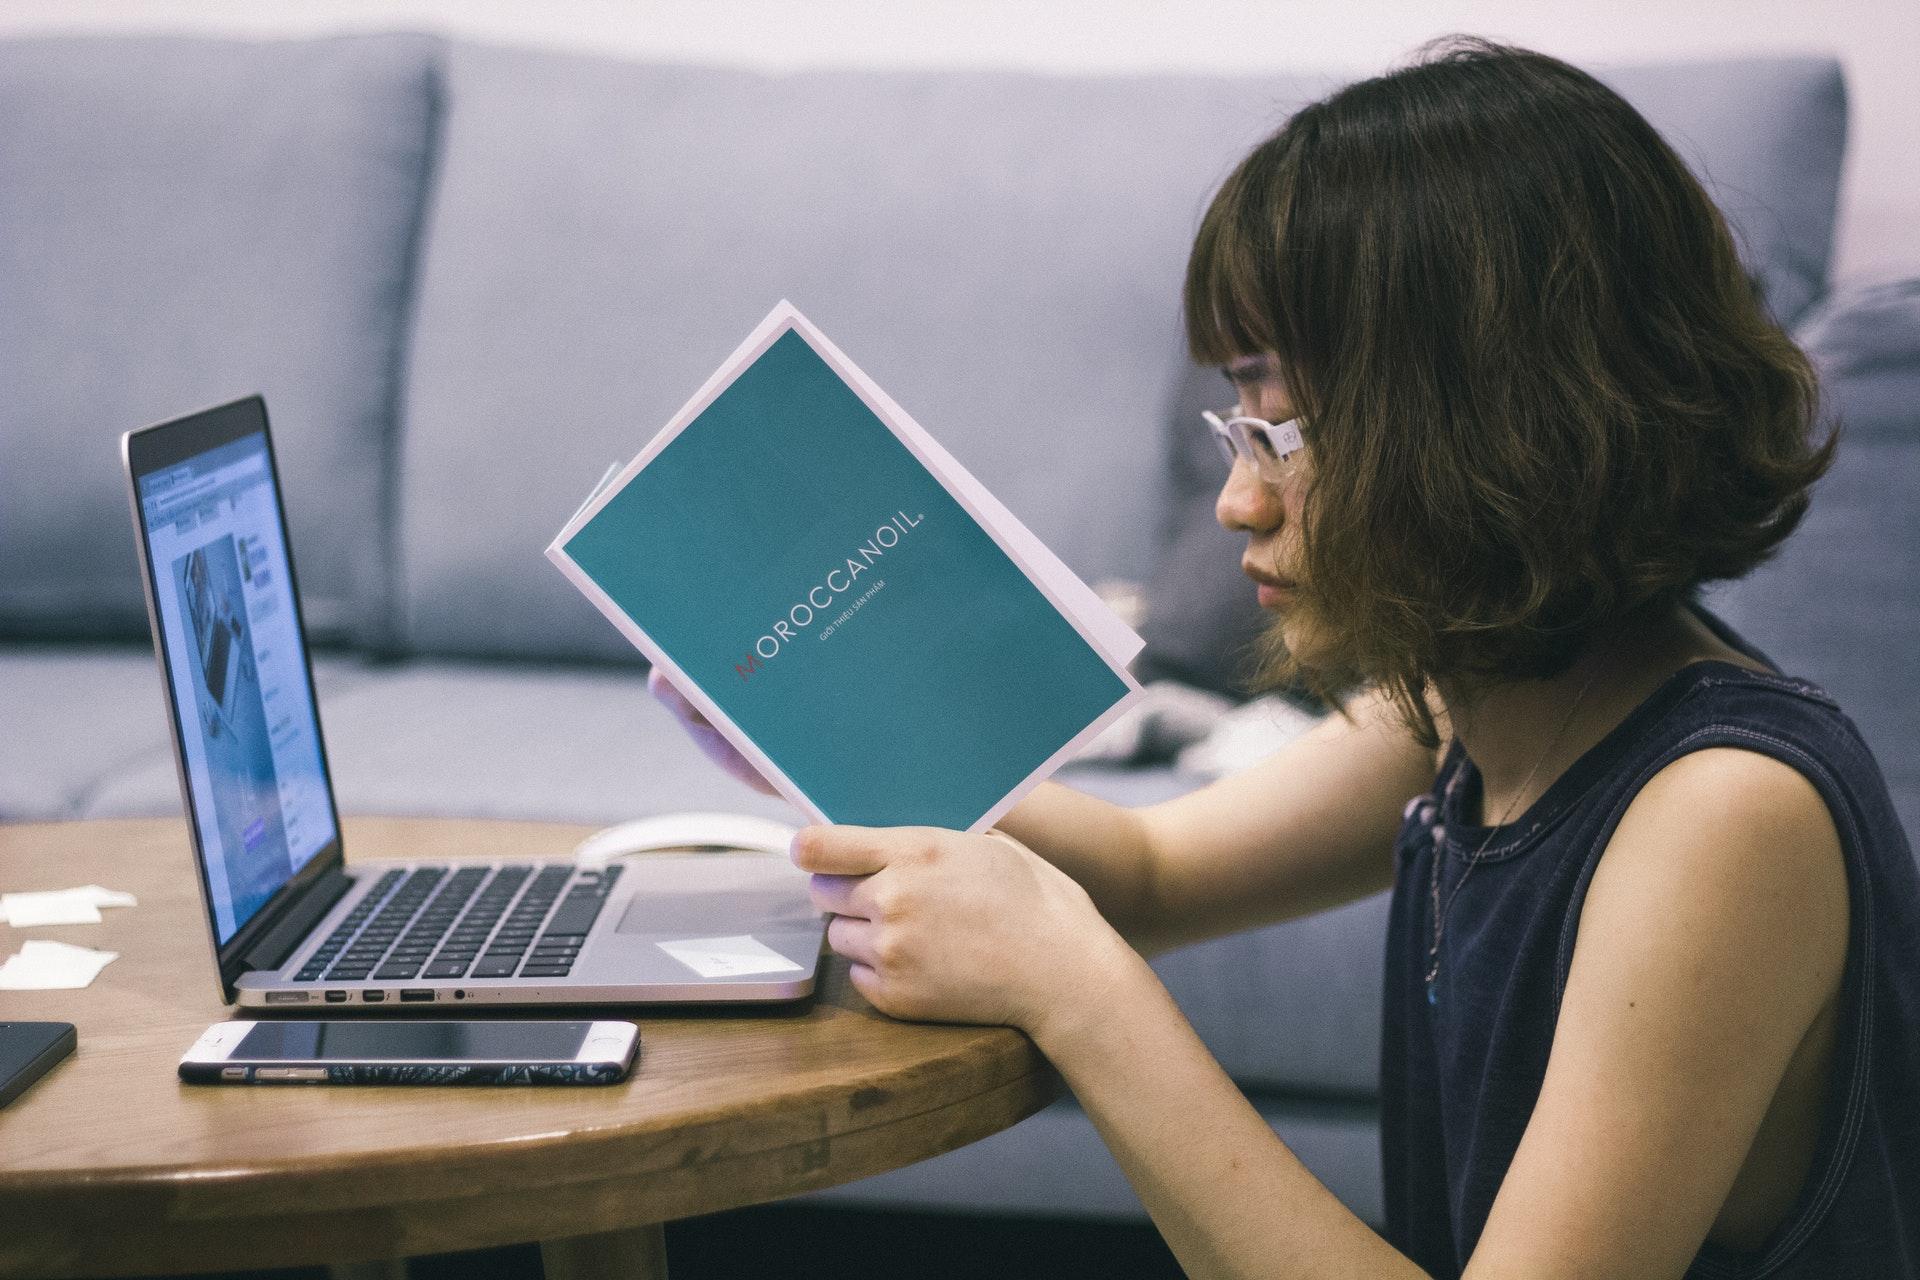 远程学习,网上学习,在线学习